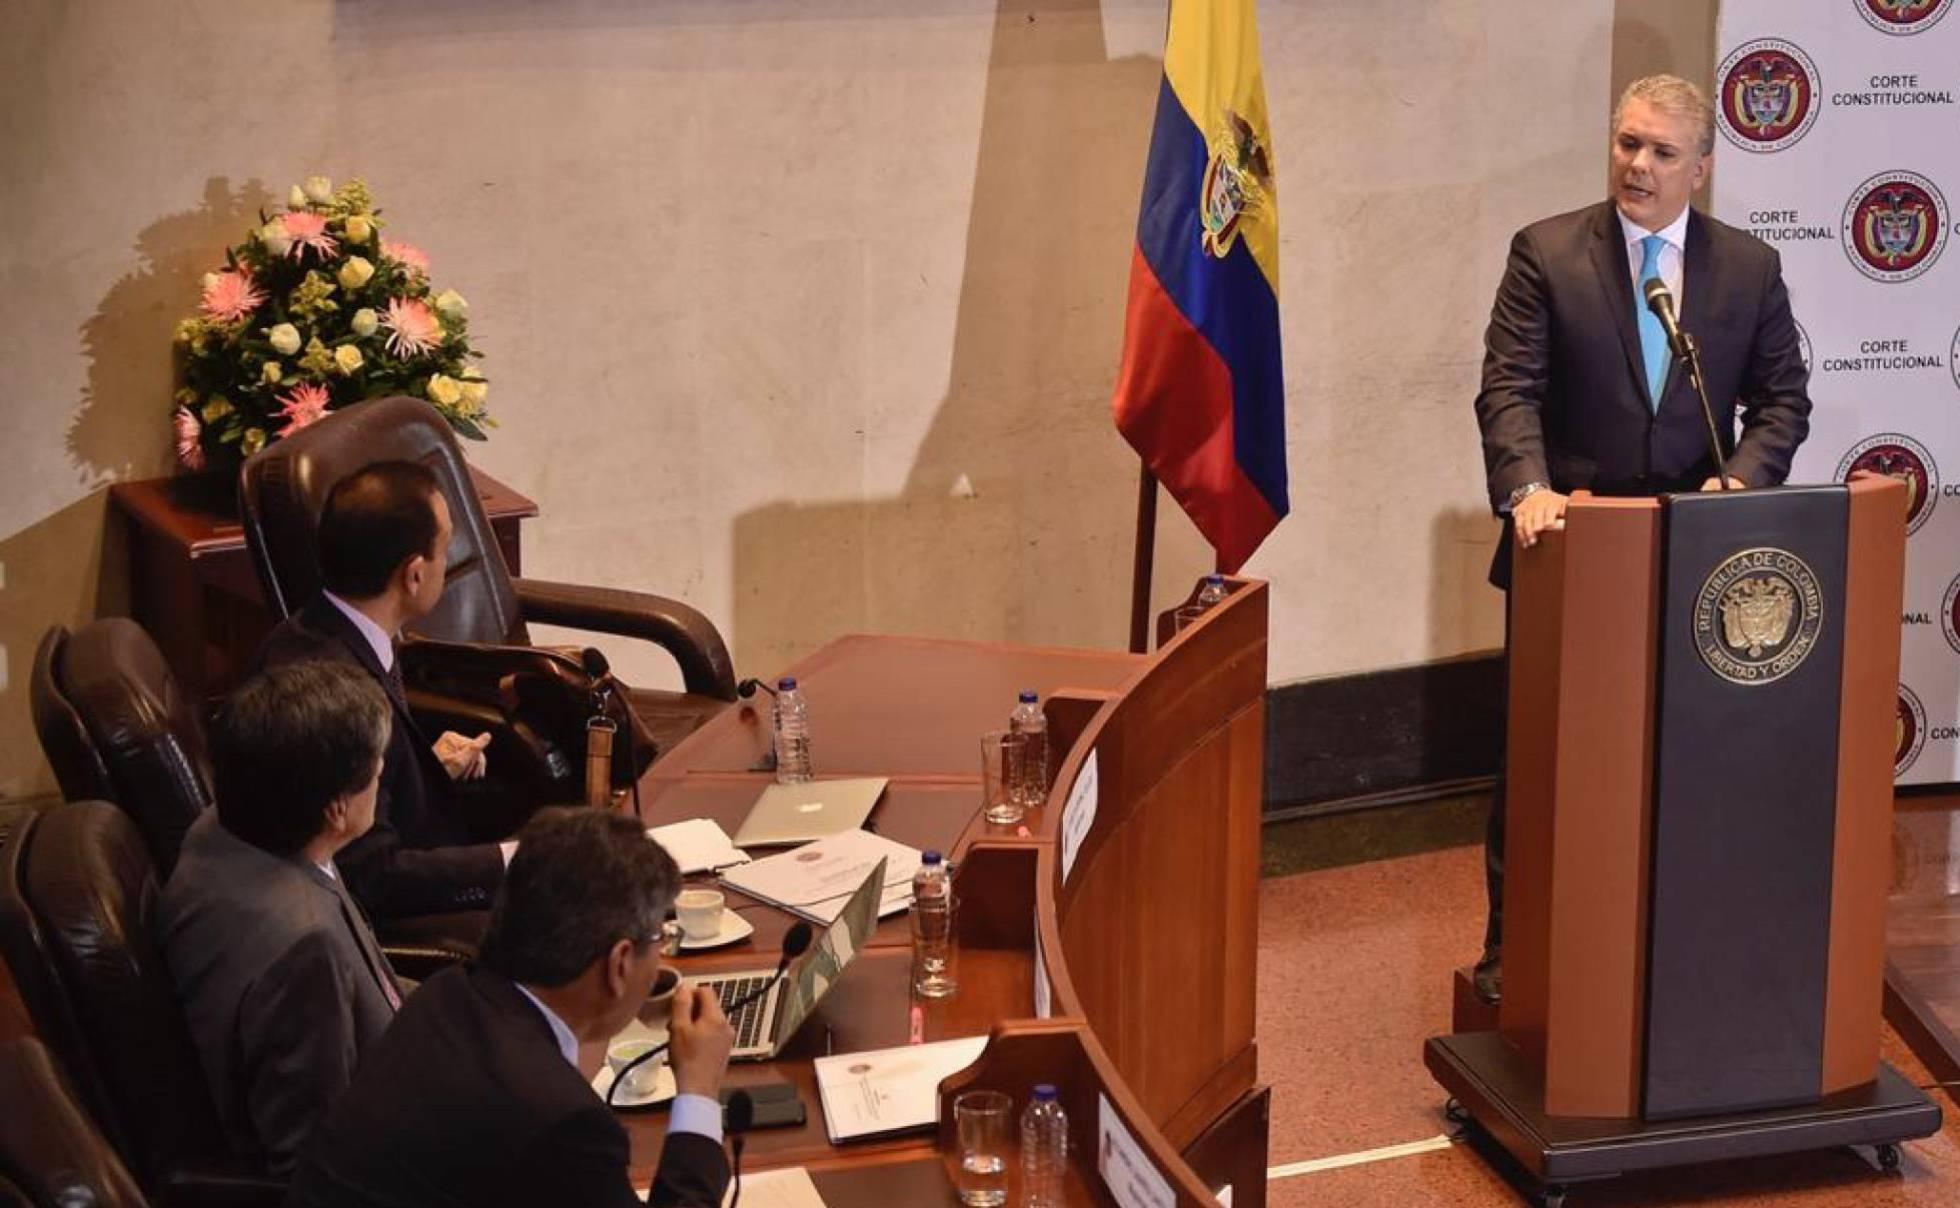 Estados Unidos revoca las visas de los principales jueces colombianos